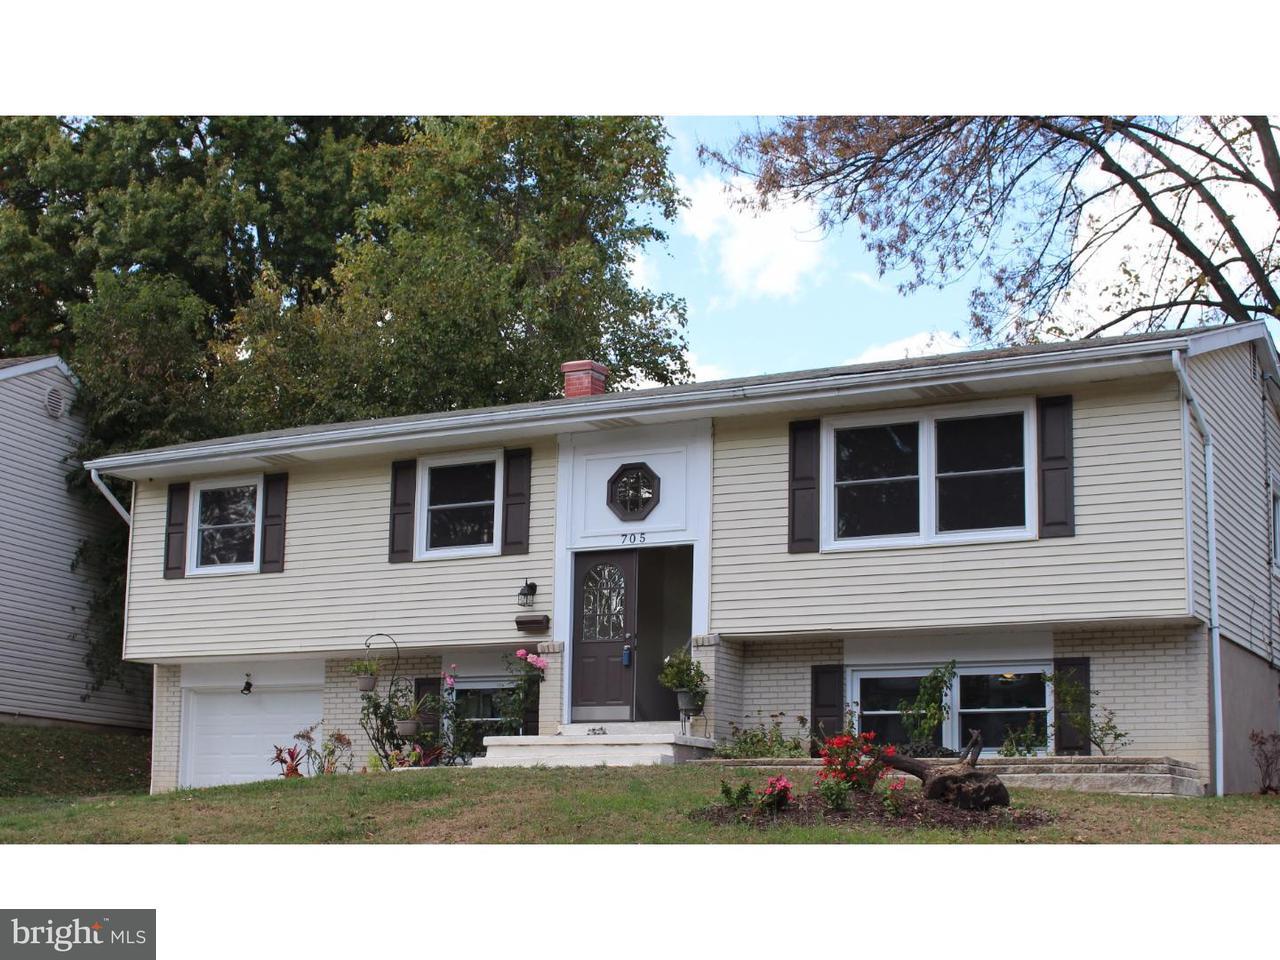 Частный односемейный дом для того Продажа на 705 PARKSIDE BLVD Claymont, Делавэр 19703 Соединенные Штаты